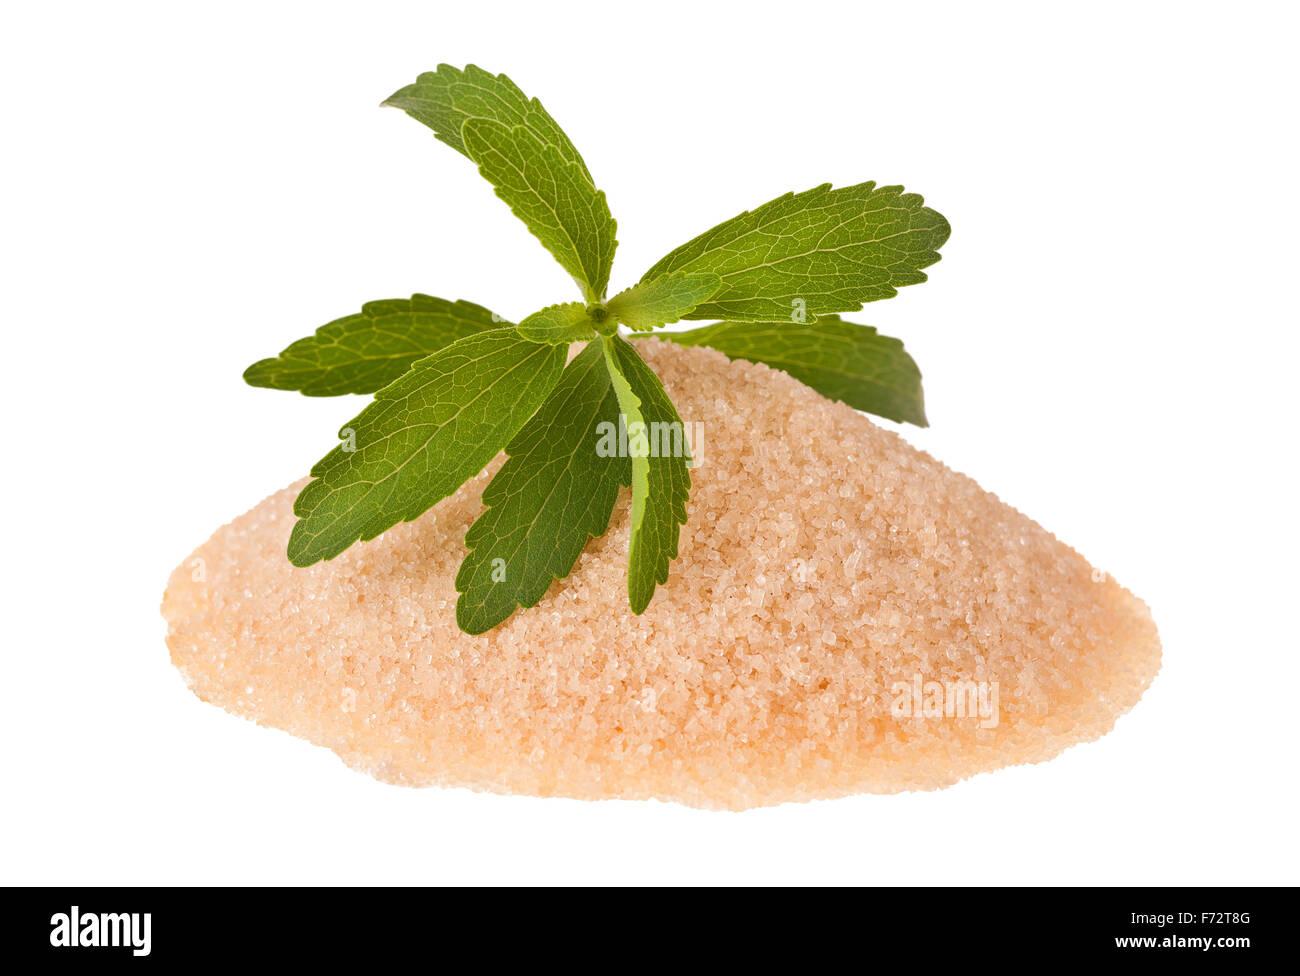 Las hojas de stevia con azúcar moreno Imagen De Stock